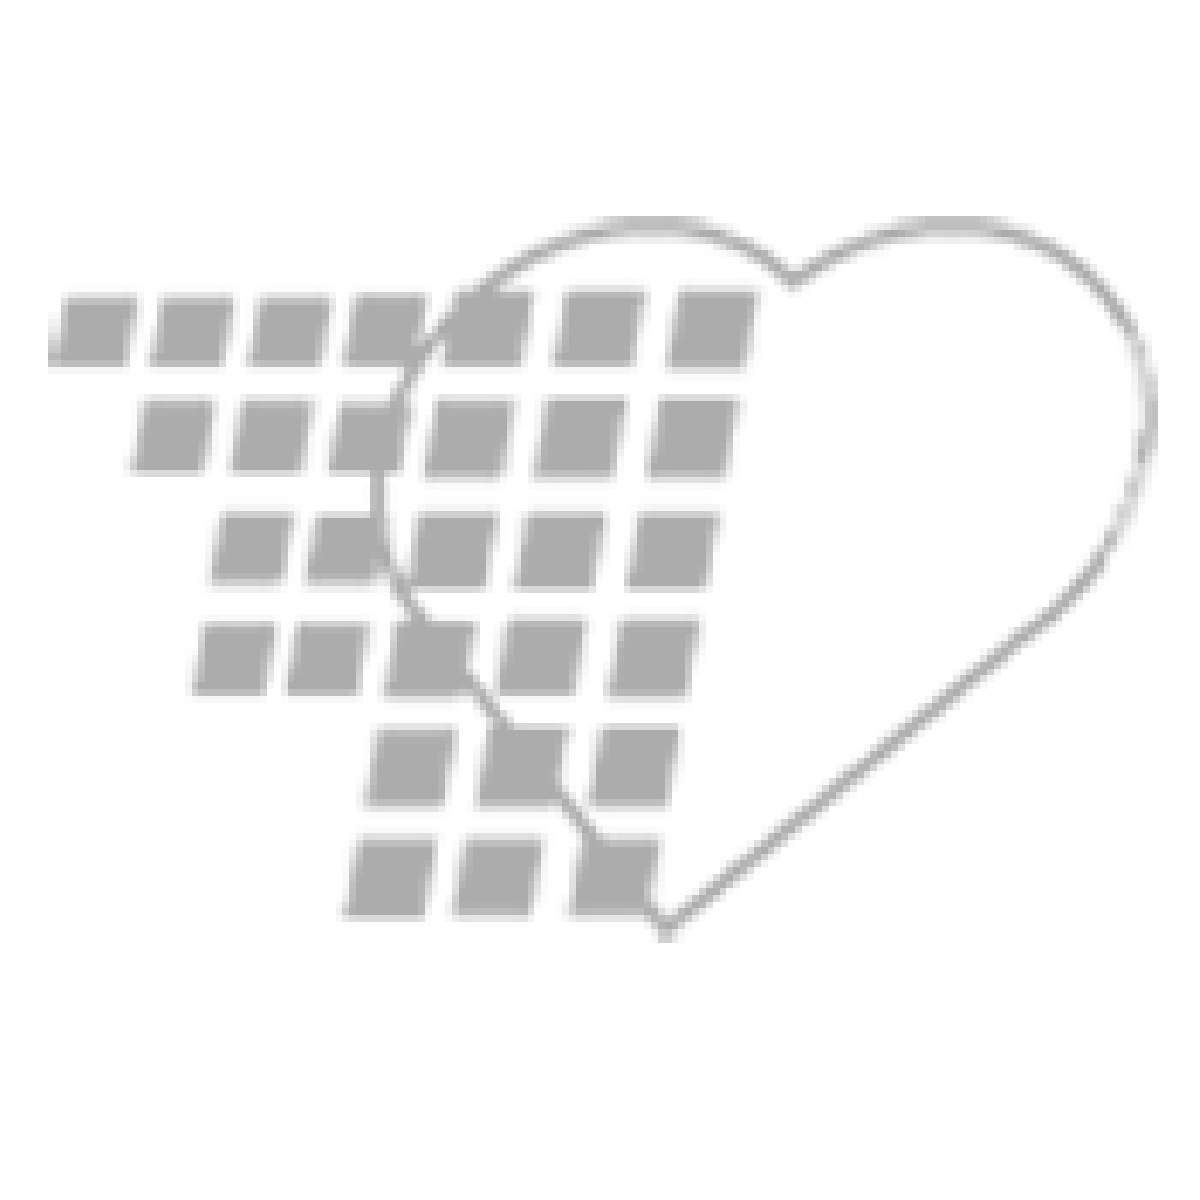 04-50-1600 Refurbished Hill-Rom P1600 Advanta Bed with Mattress